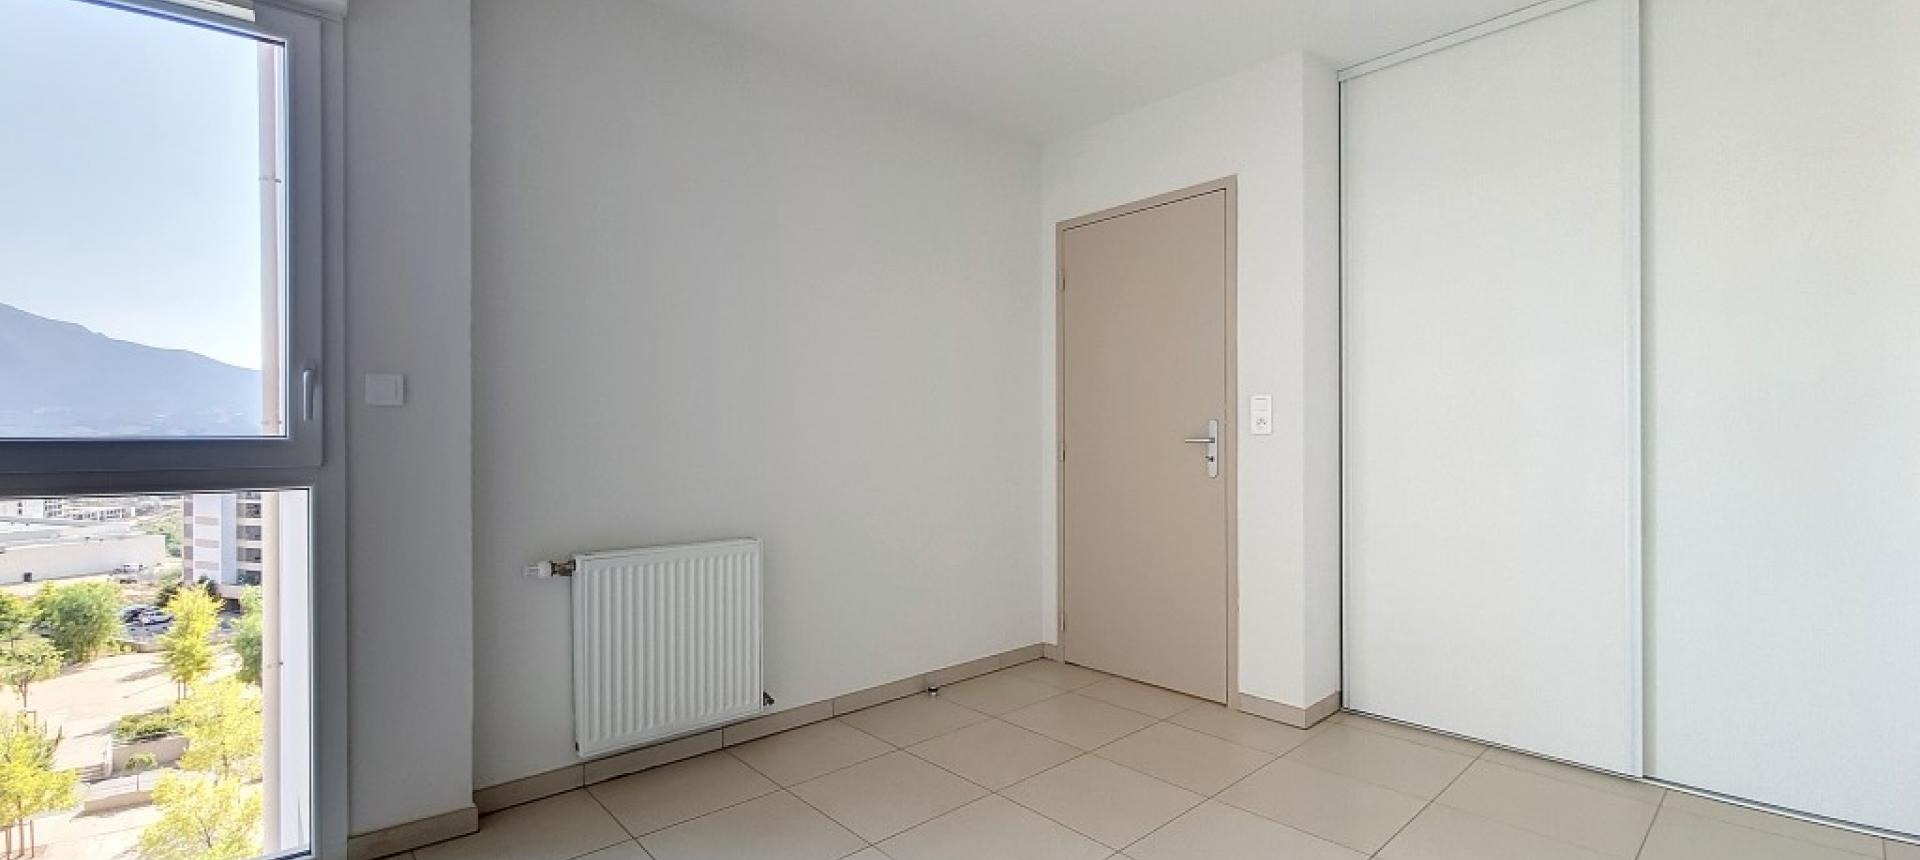 F4 à louer secteur Atrium le Nerval chambre 2